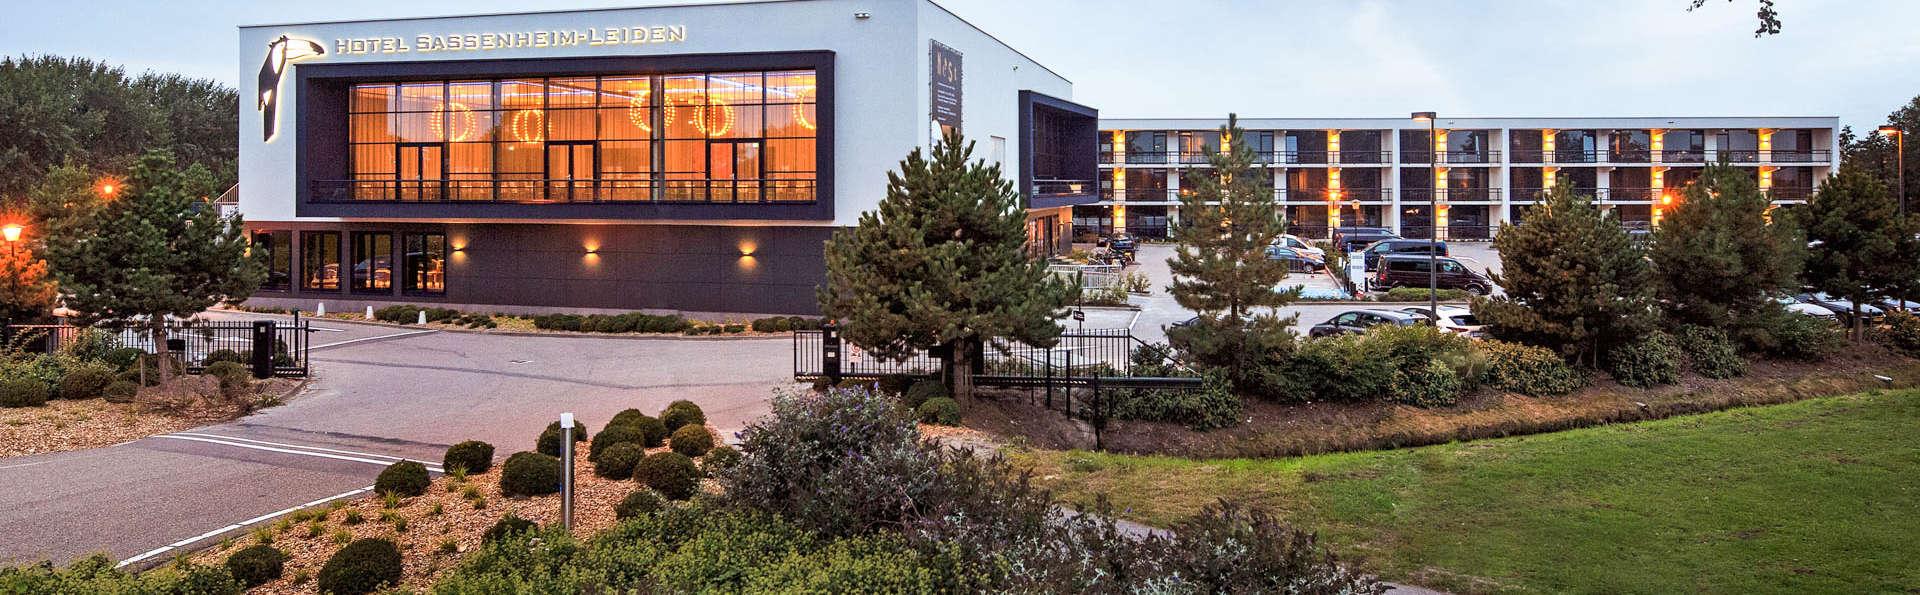 Van der Valk Hotel Sassenheim-Leiden - EDIT_FRONT.jpg